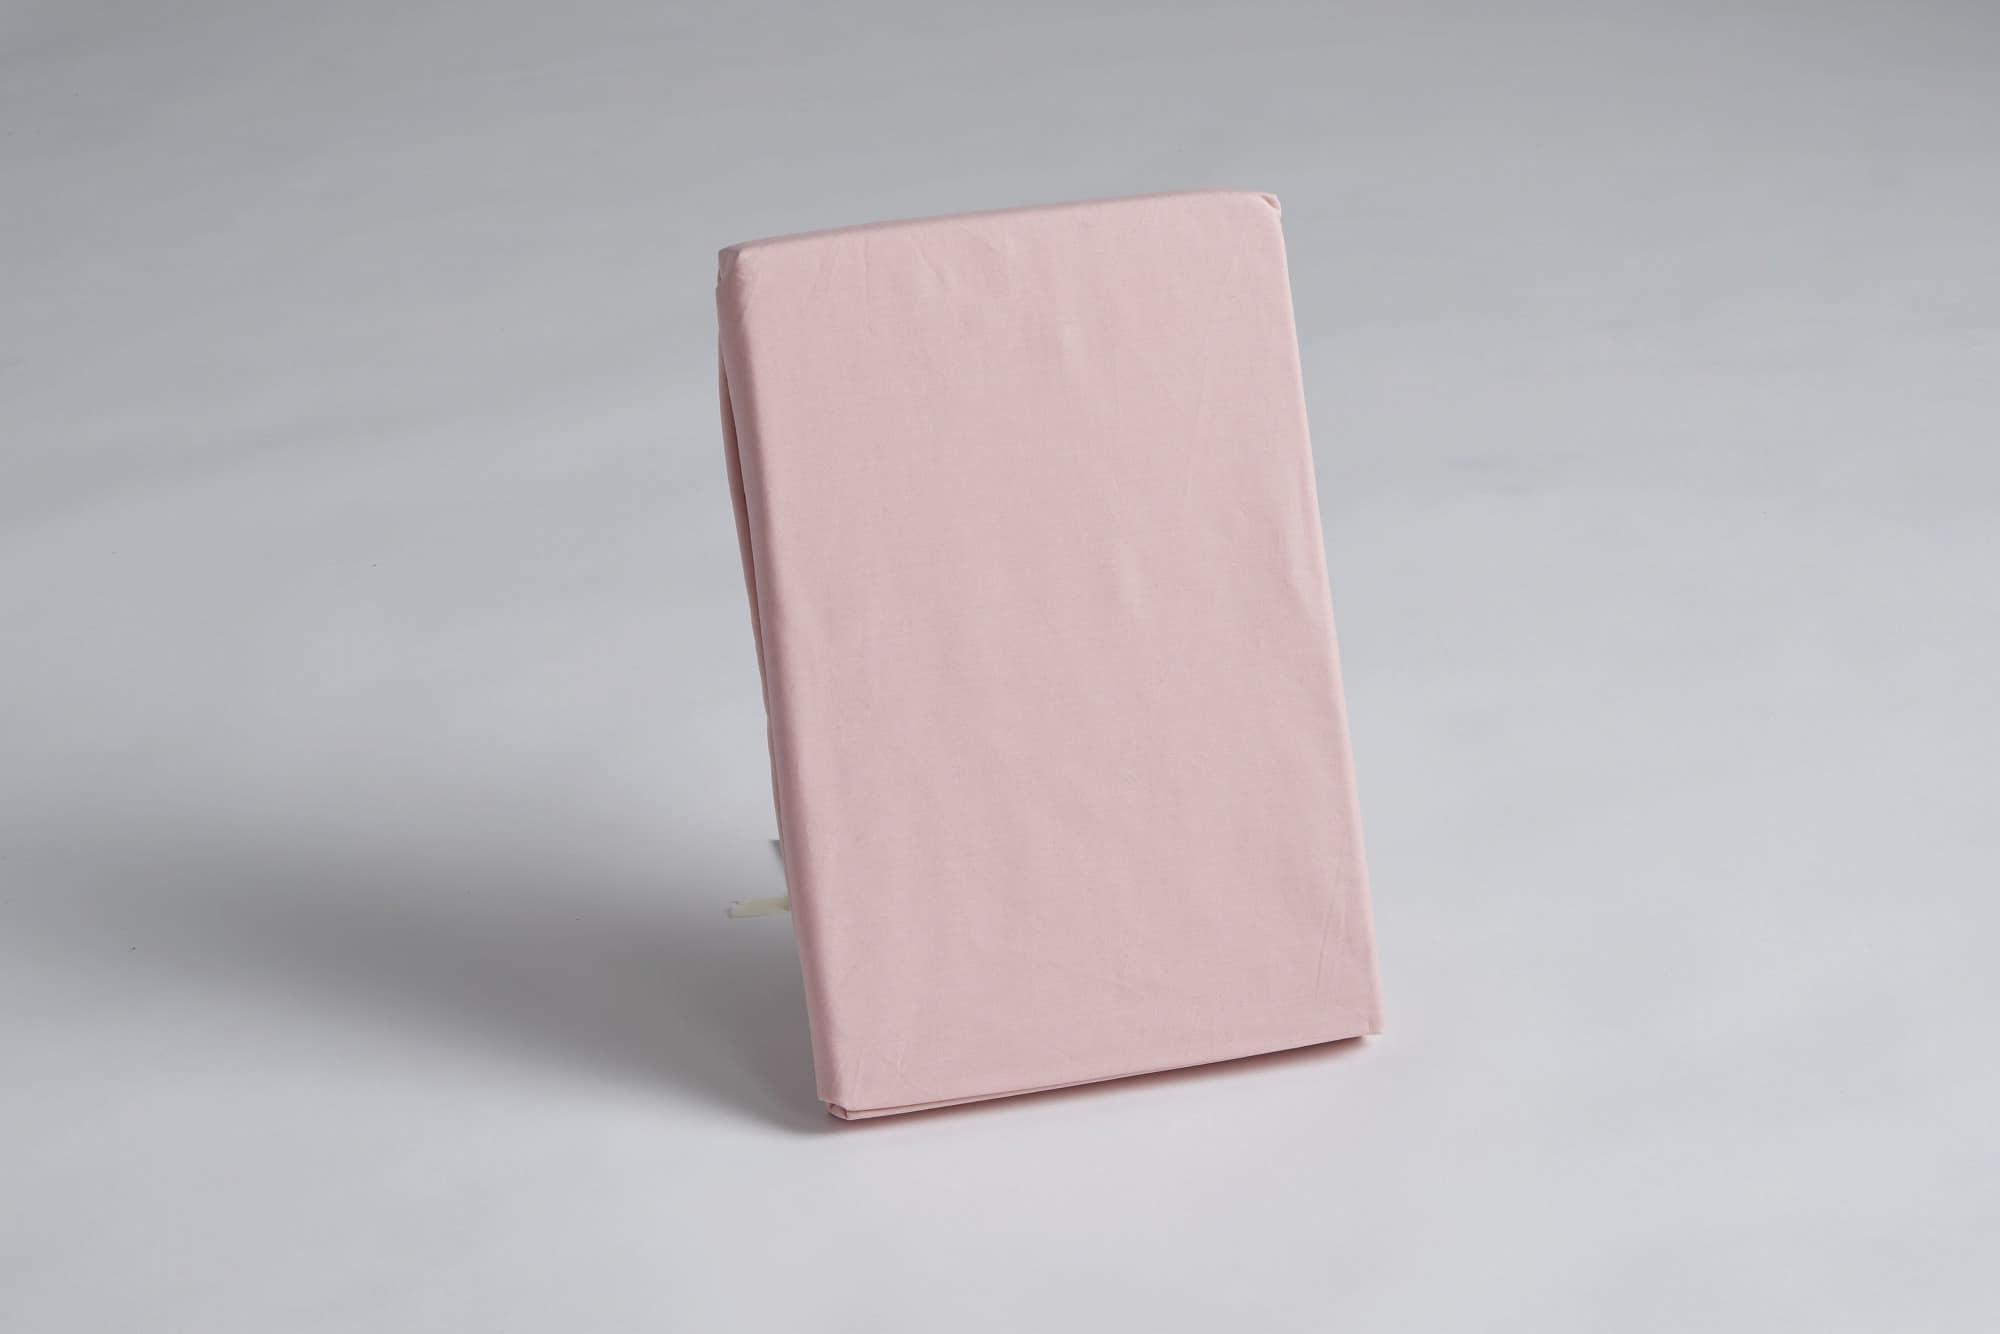 ボックスシーツ セミダブル用 45H ピンク